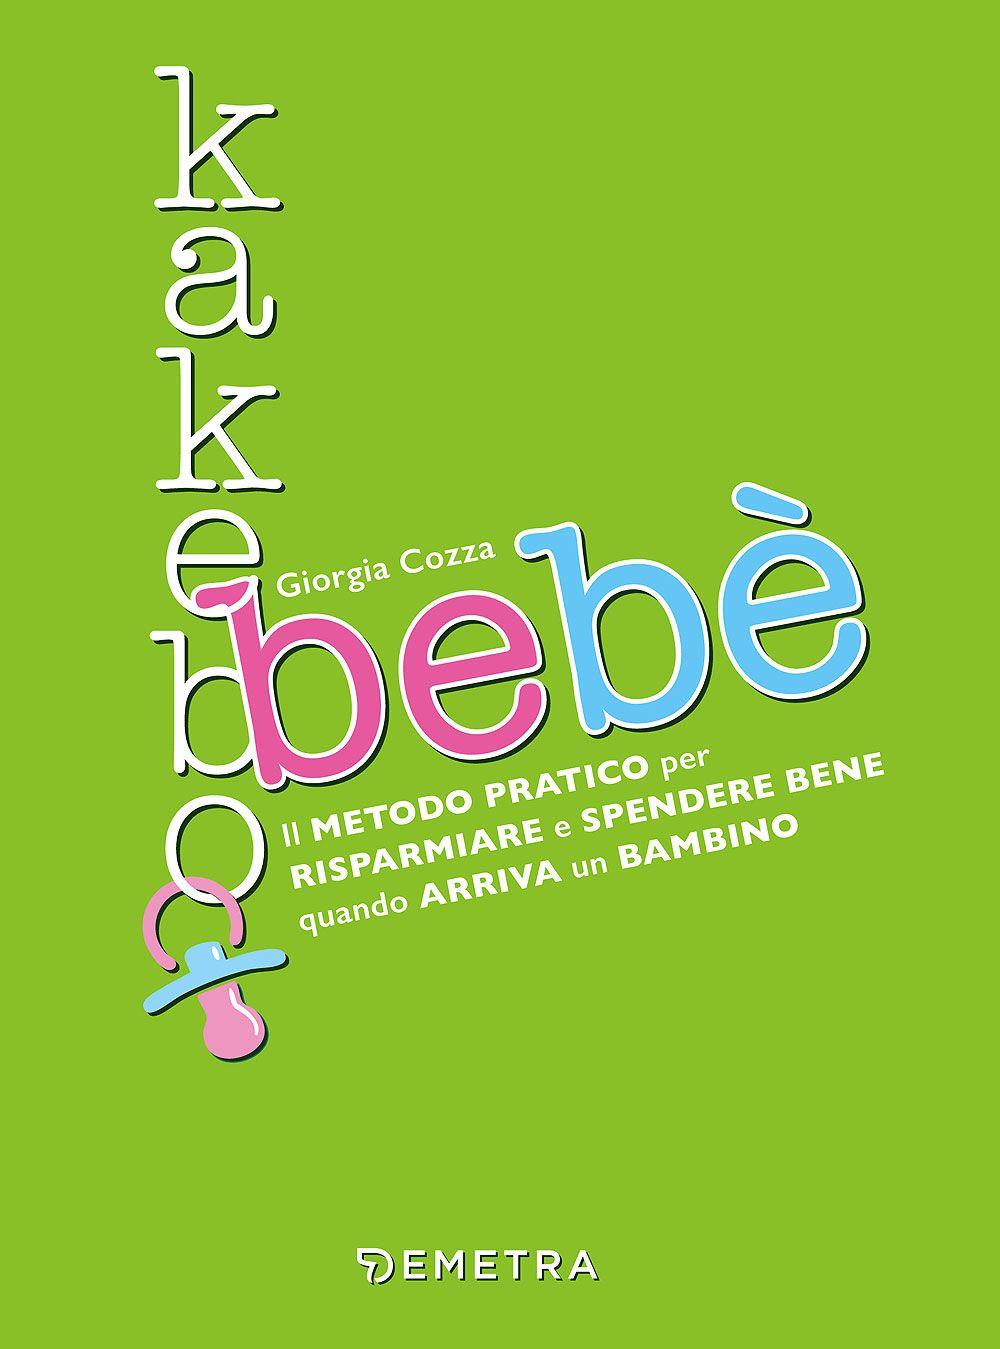 Image of Kakebo bebè. Il metodo pratico per risparmiare e spendere bene quando arriva un bambino